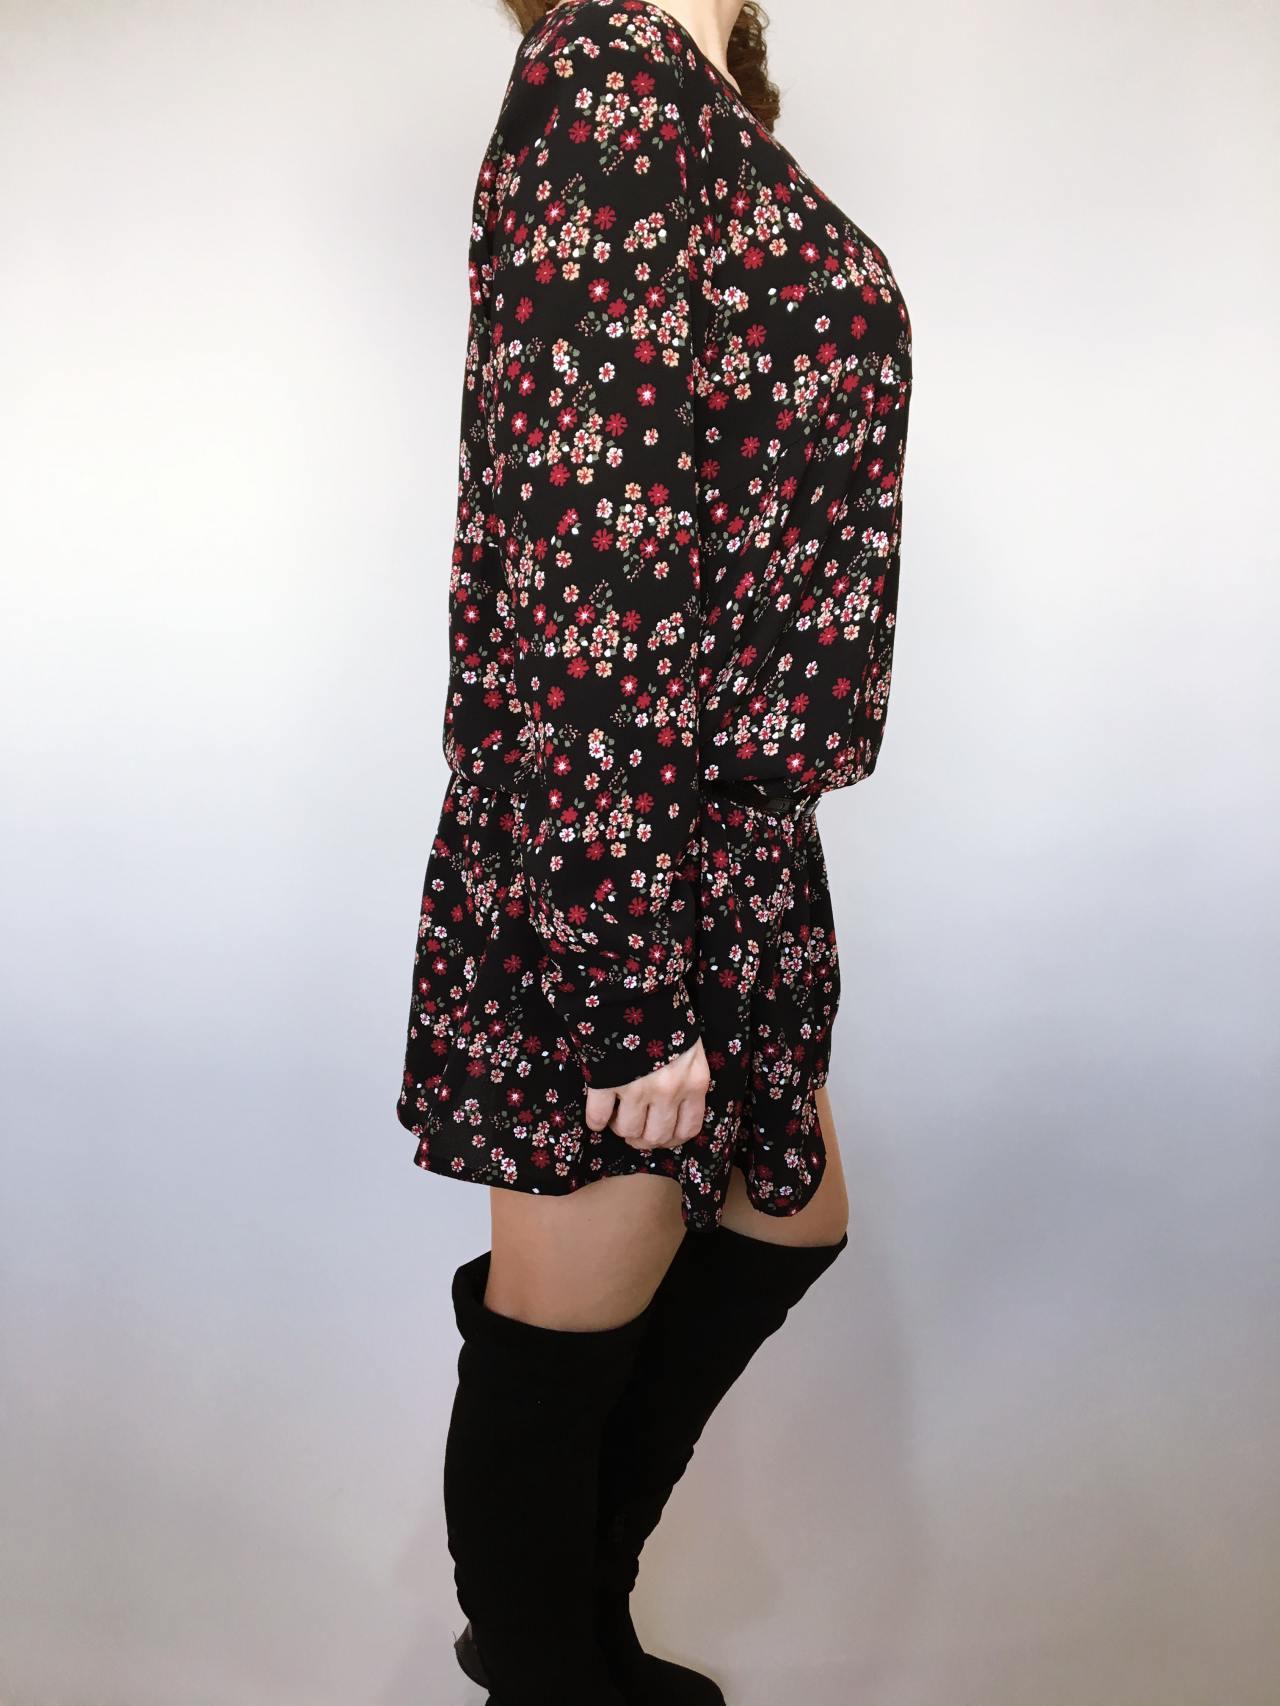 Šaty Lucy černé 04